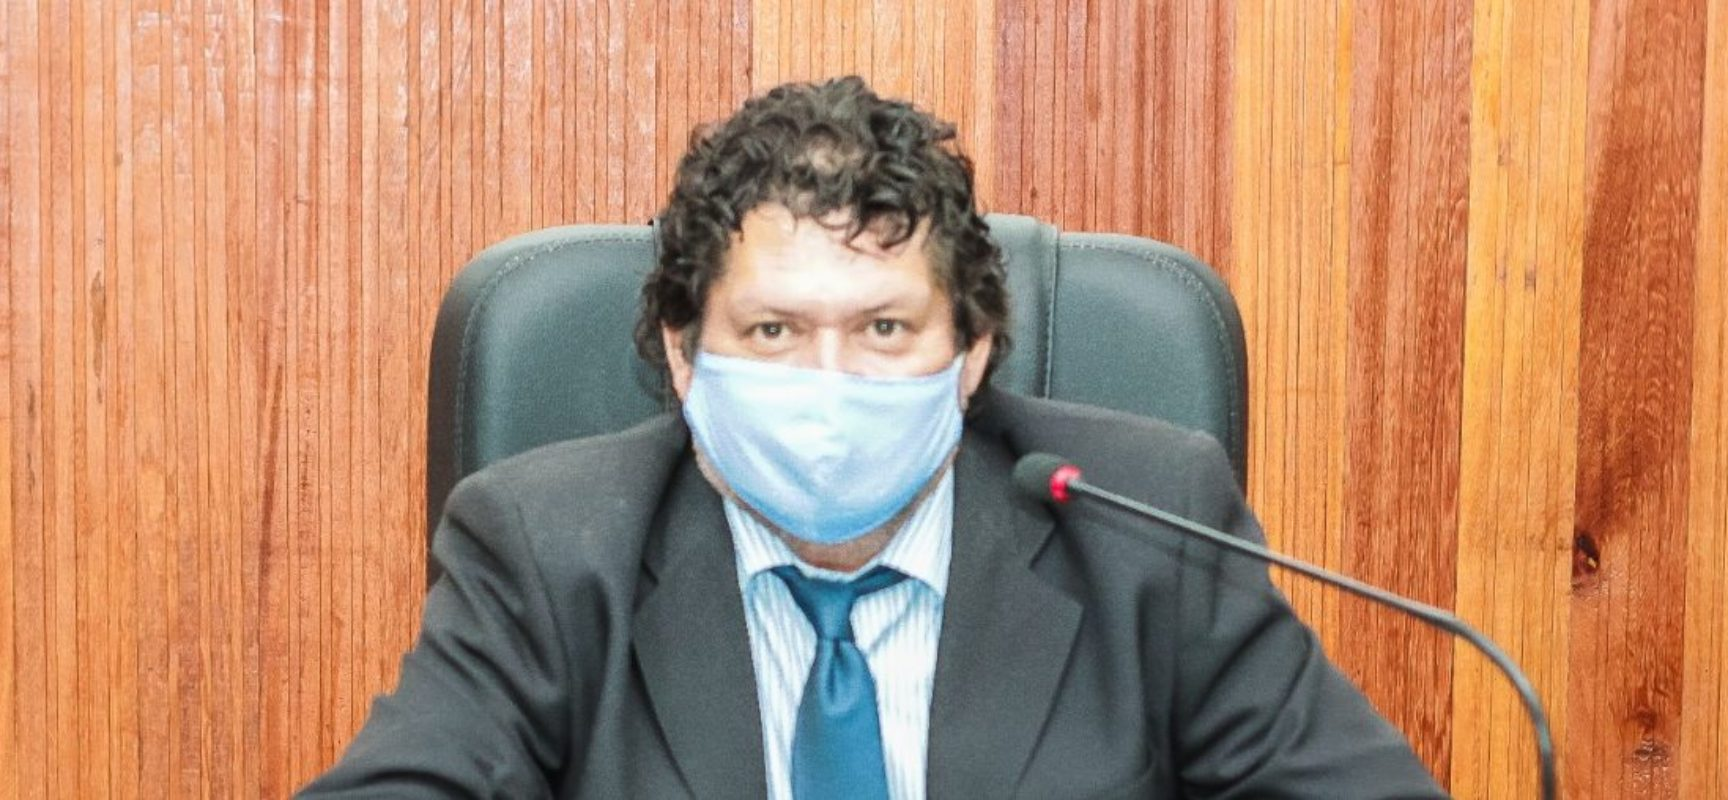 *08 DE MARÇO: Dia Internacional da Mulher, uma saudação do vereador Edvaldo Gomes